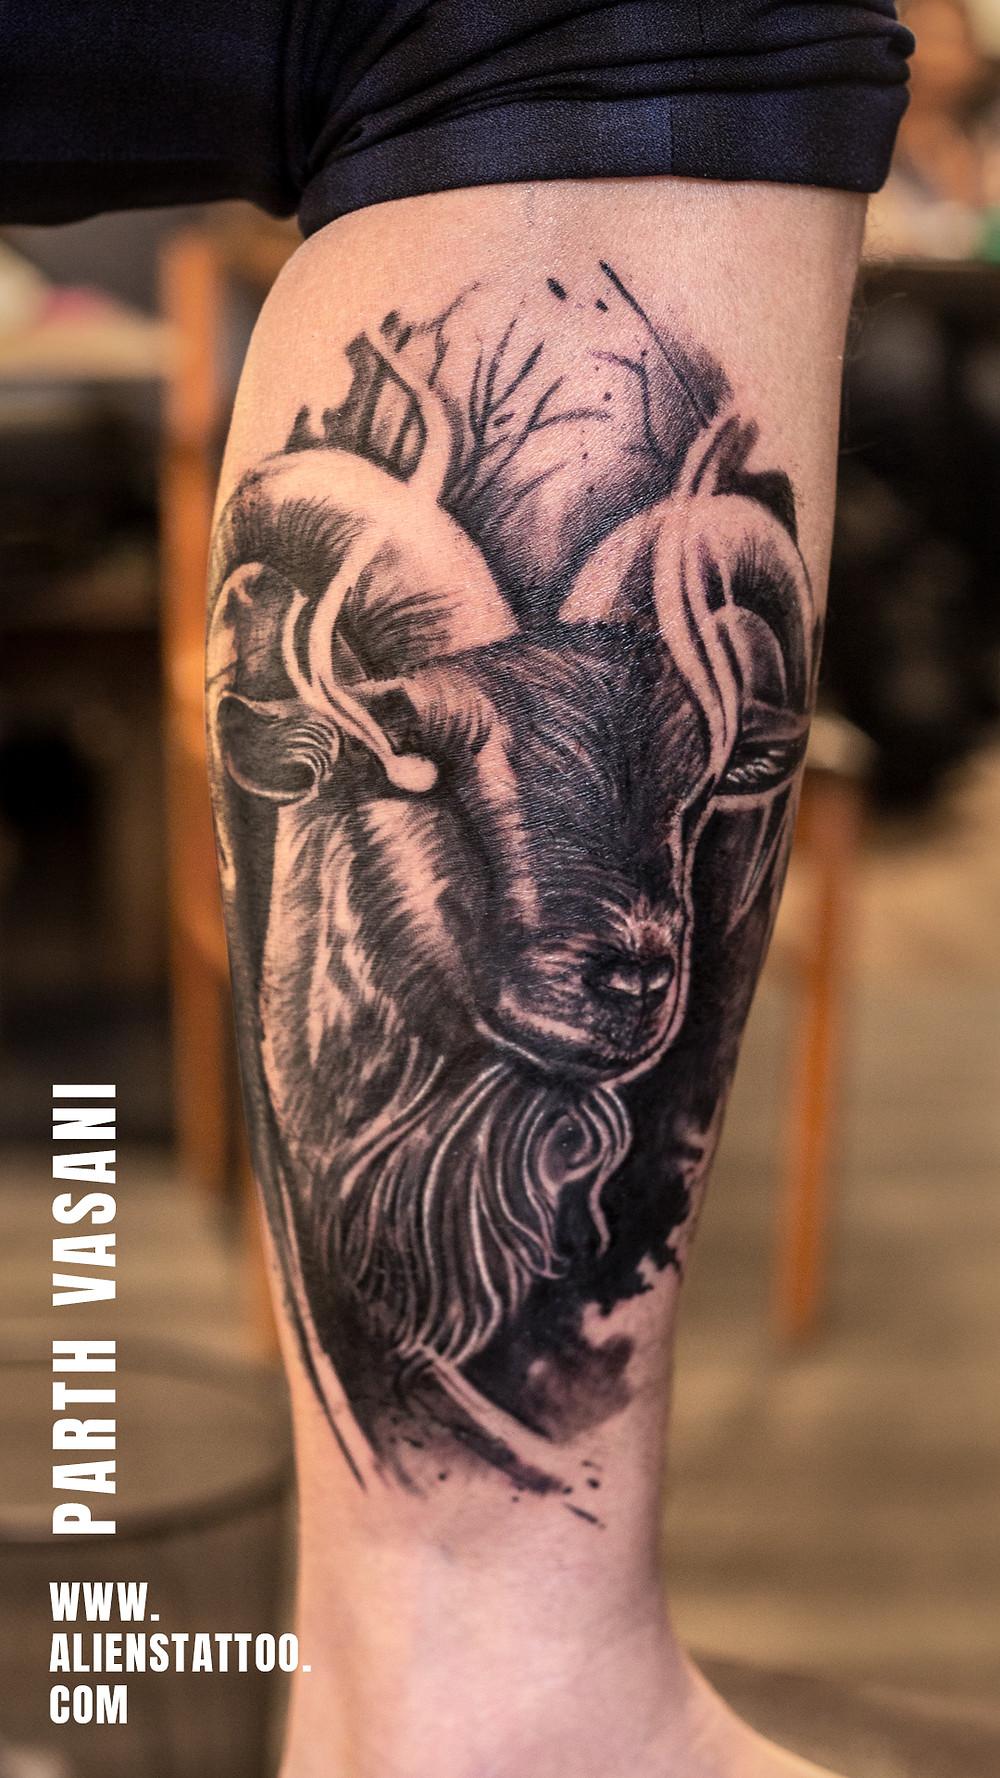 Aliens Tattoo - Capricorn Tattoo  - Zodiac Tattoos